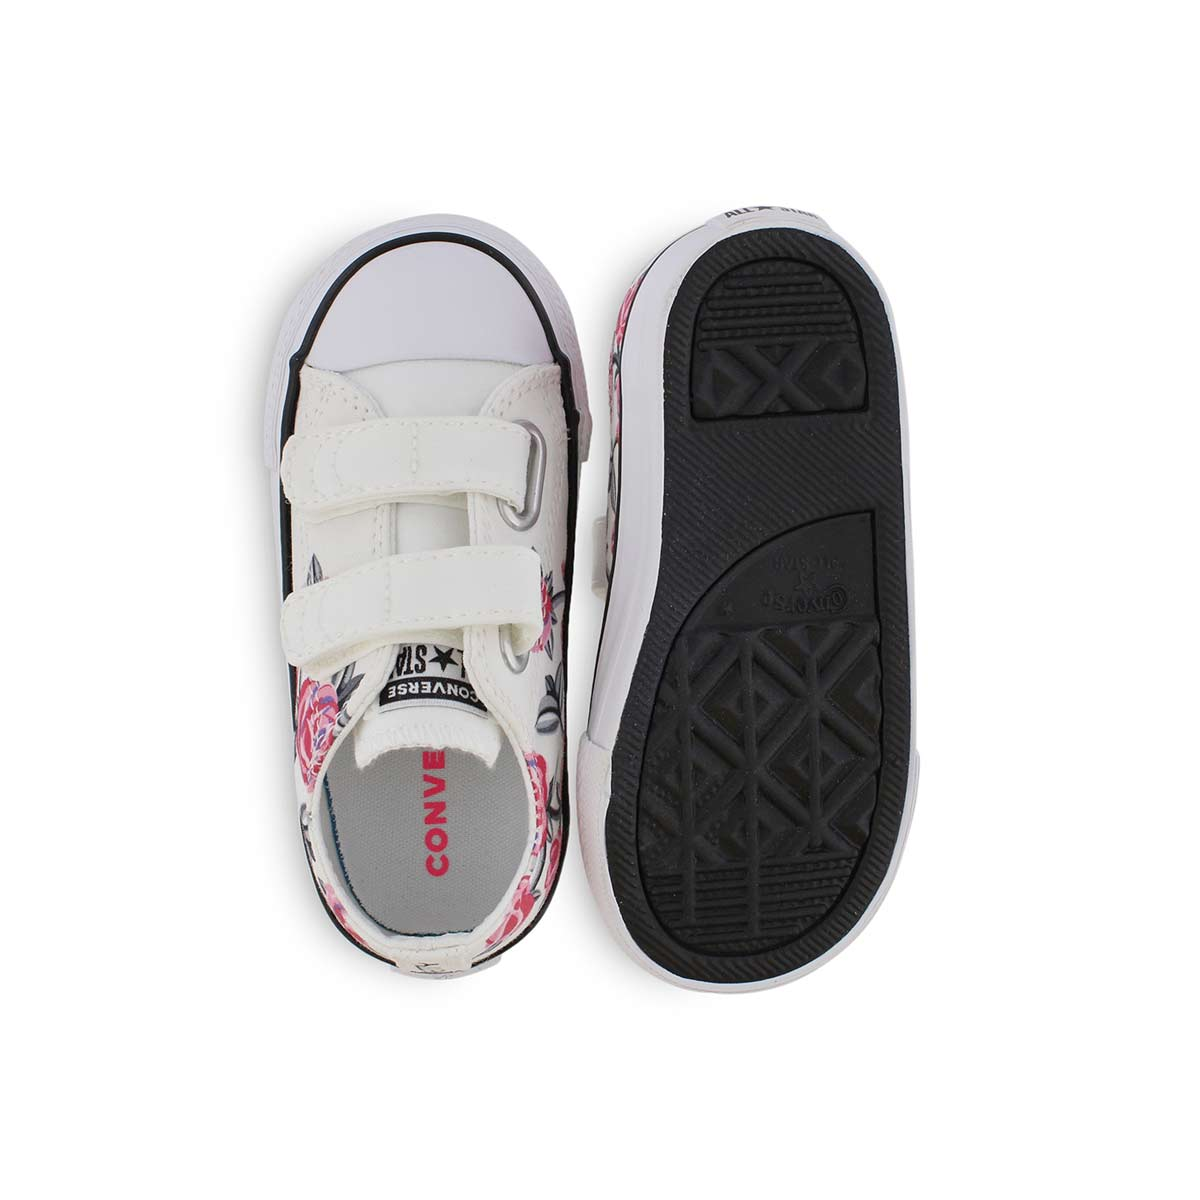 Inf-g CTAS Girl Power wht/pnk sneaker